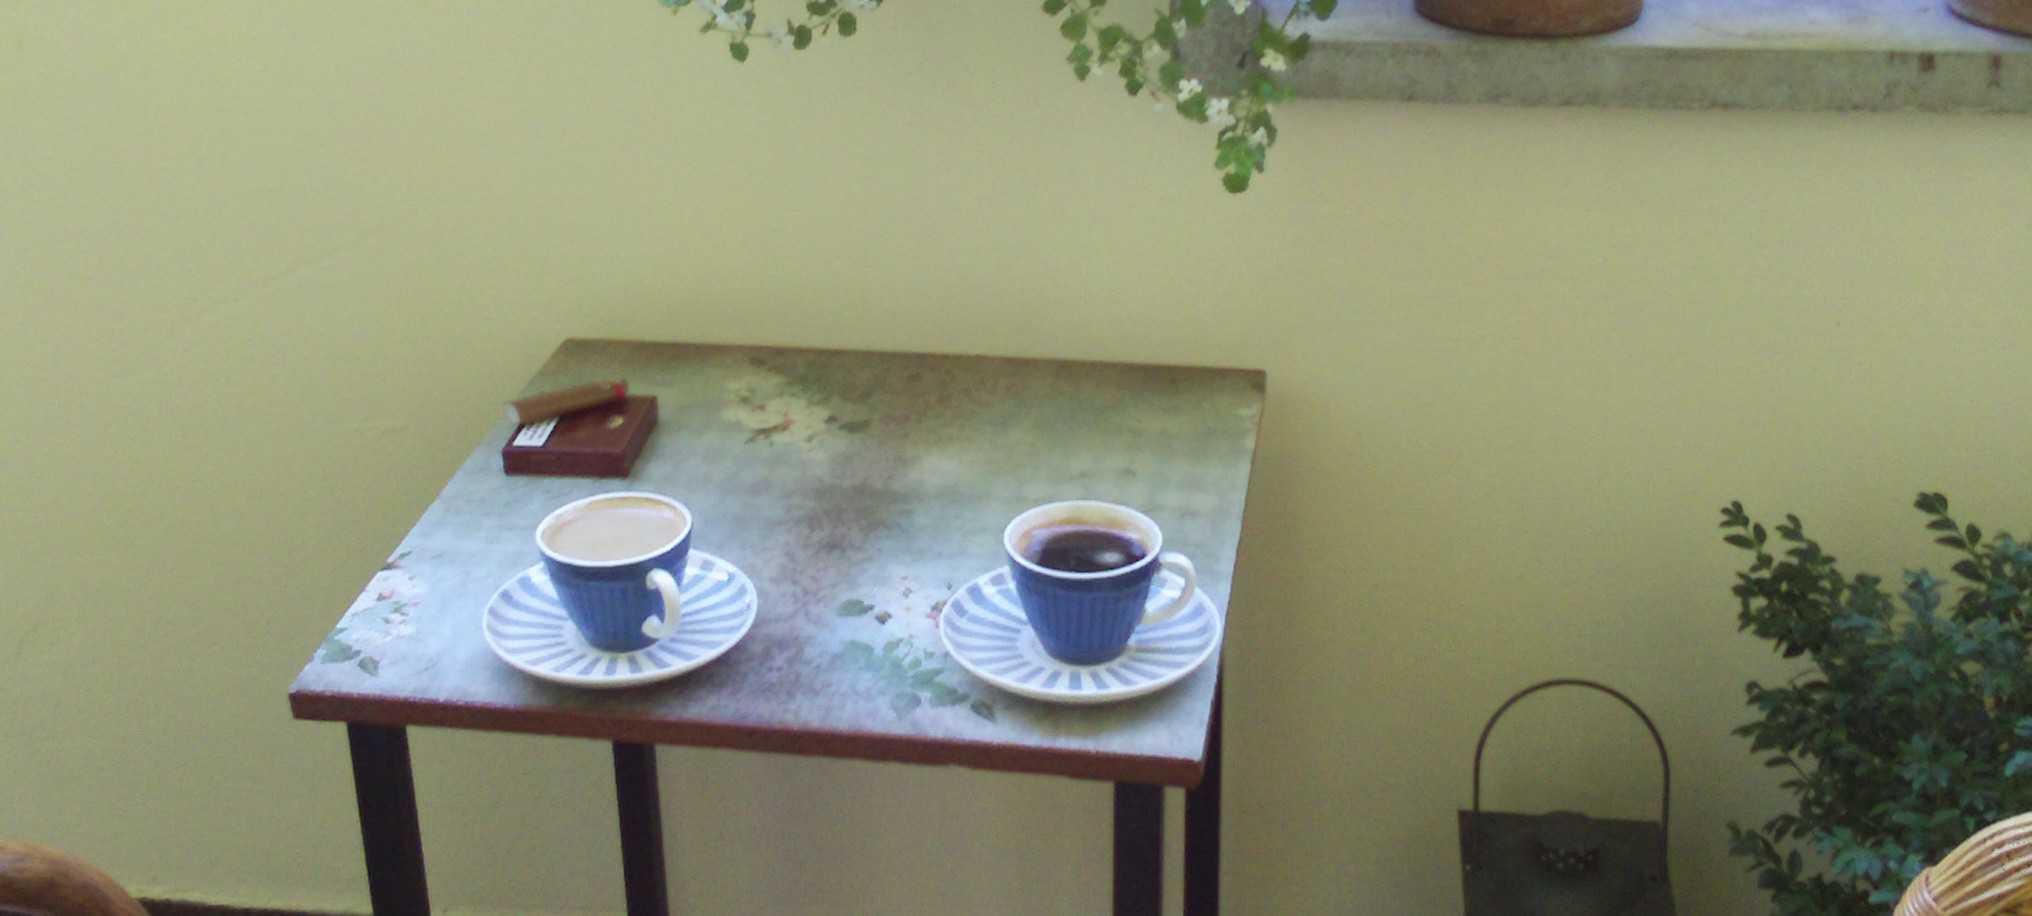 Tisch mit Decoupagepapier umgestalten - Gartenelfe